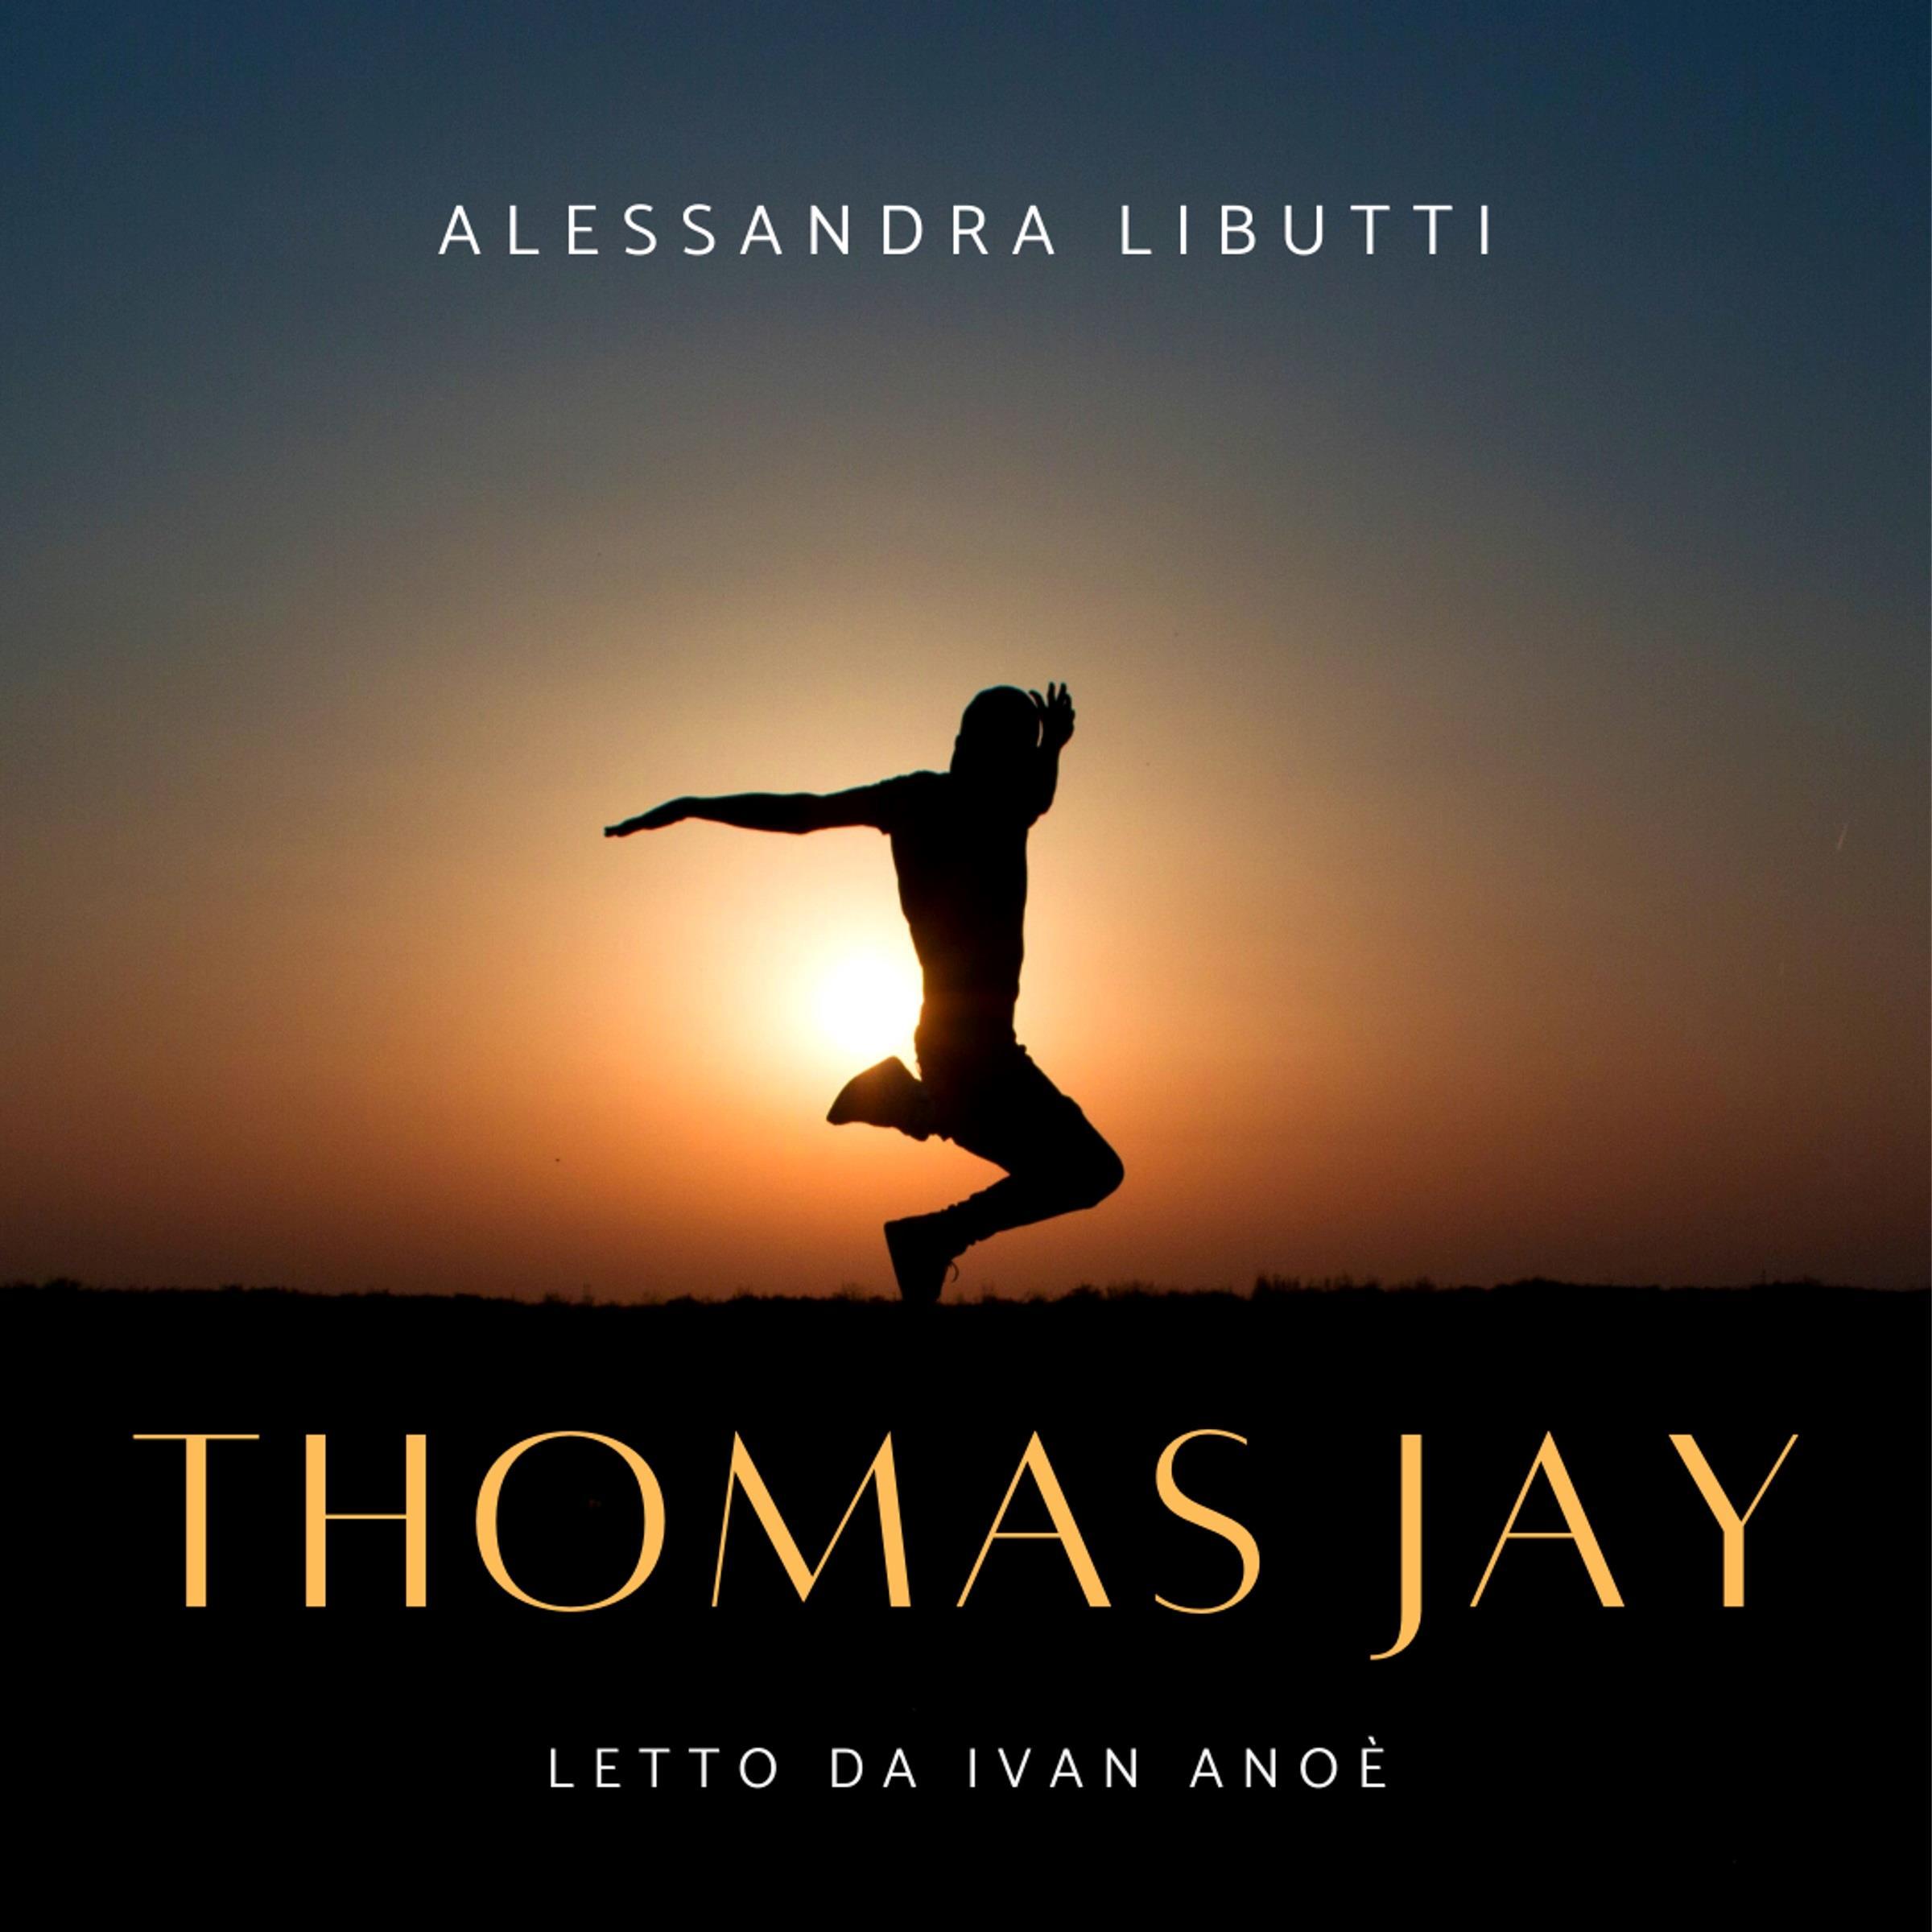 Thomas Jay